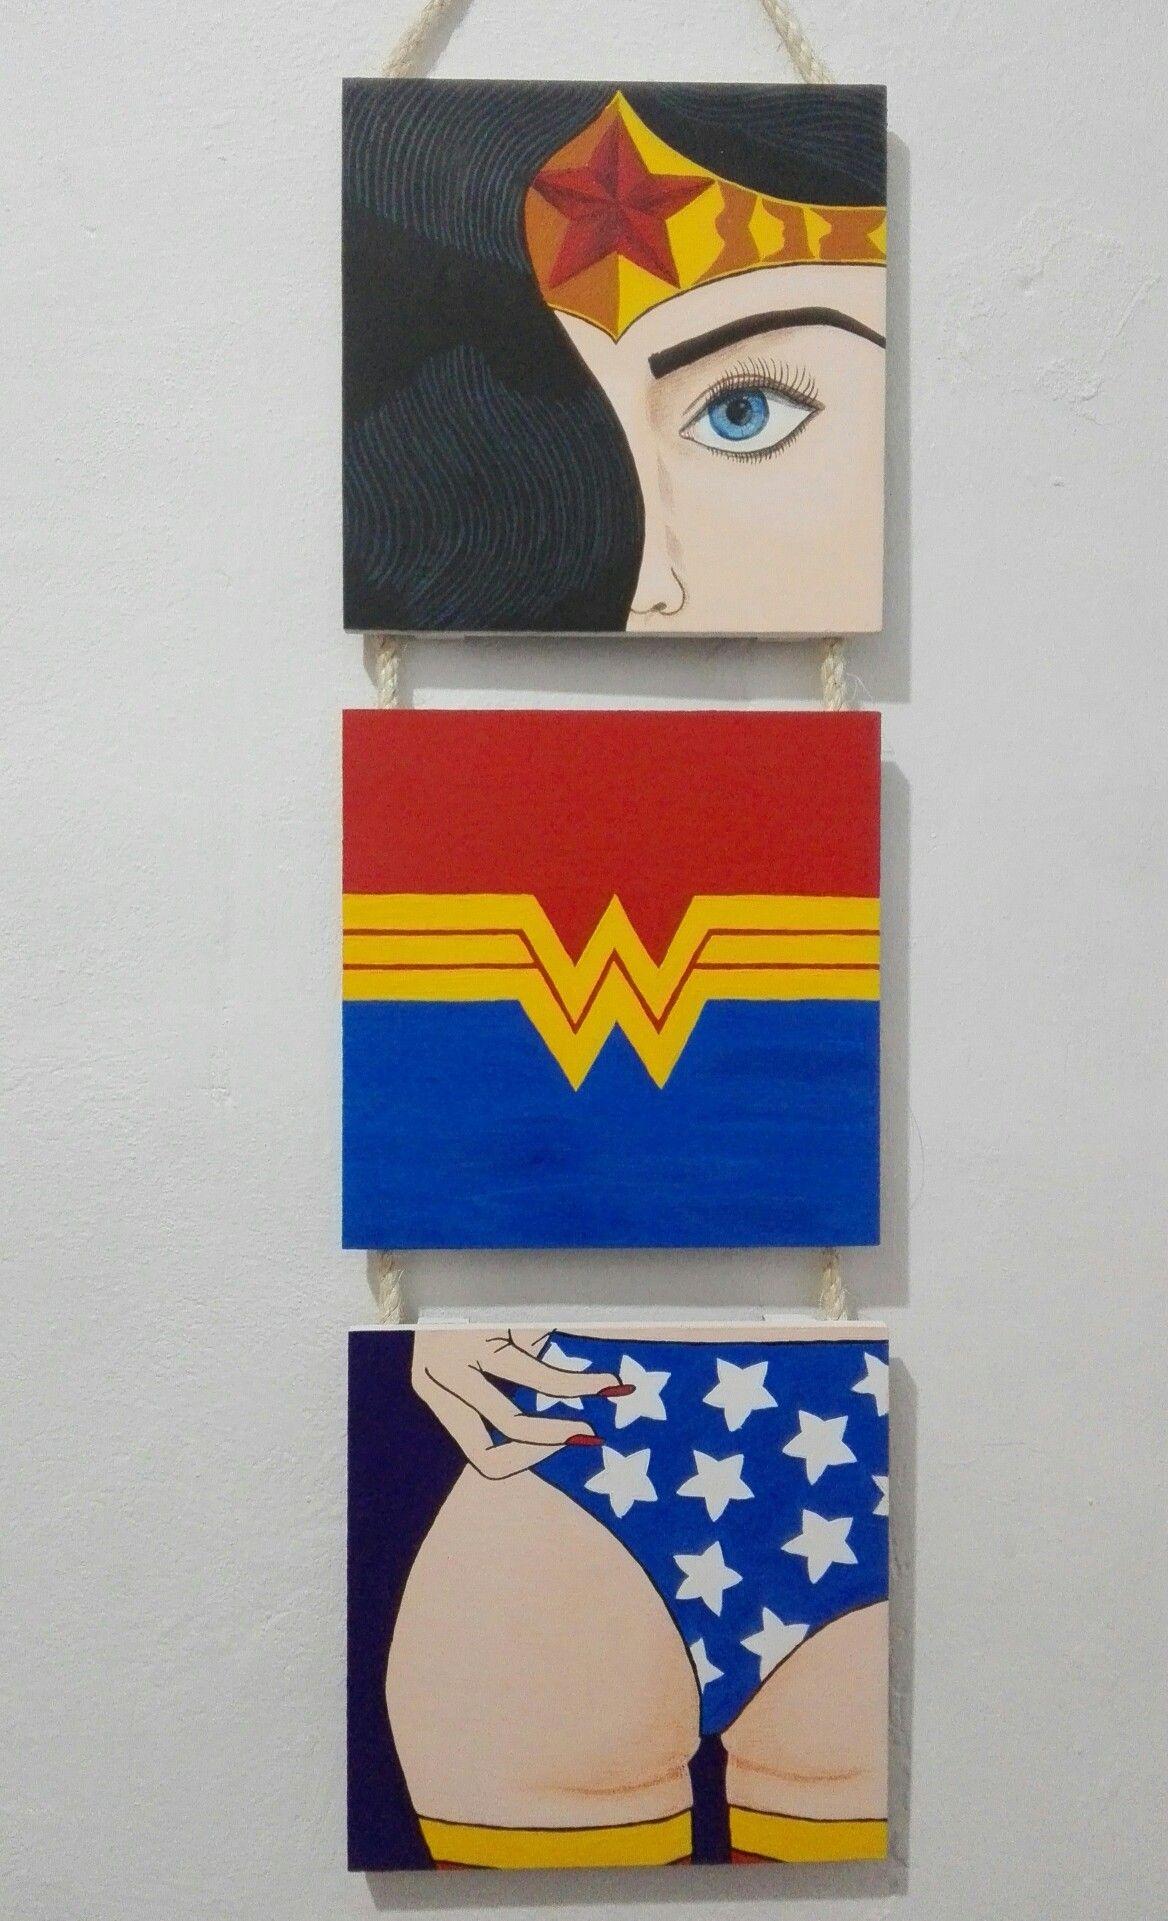 wonder woman. mujer Maravilla. cuadro. ilustración | Cositas ...